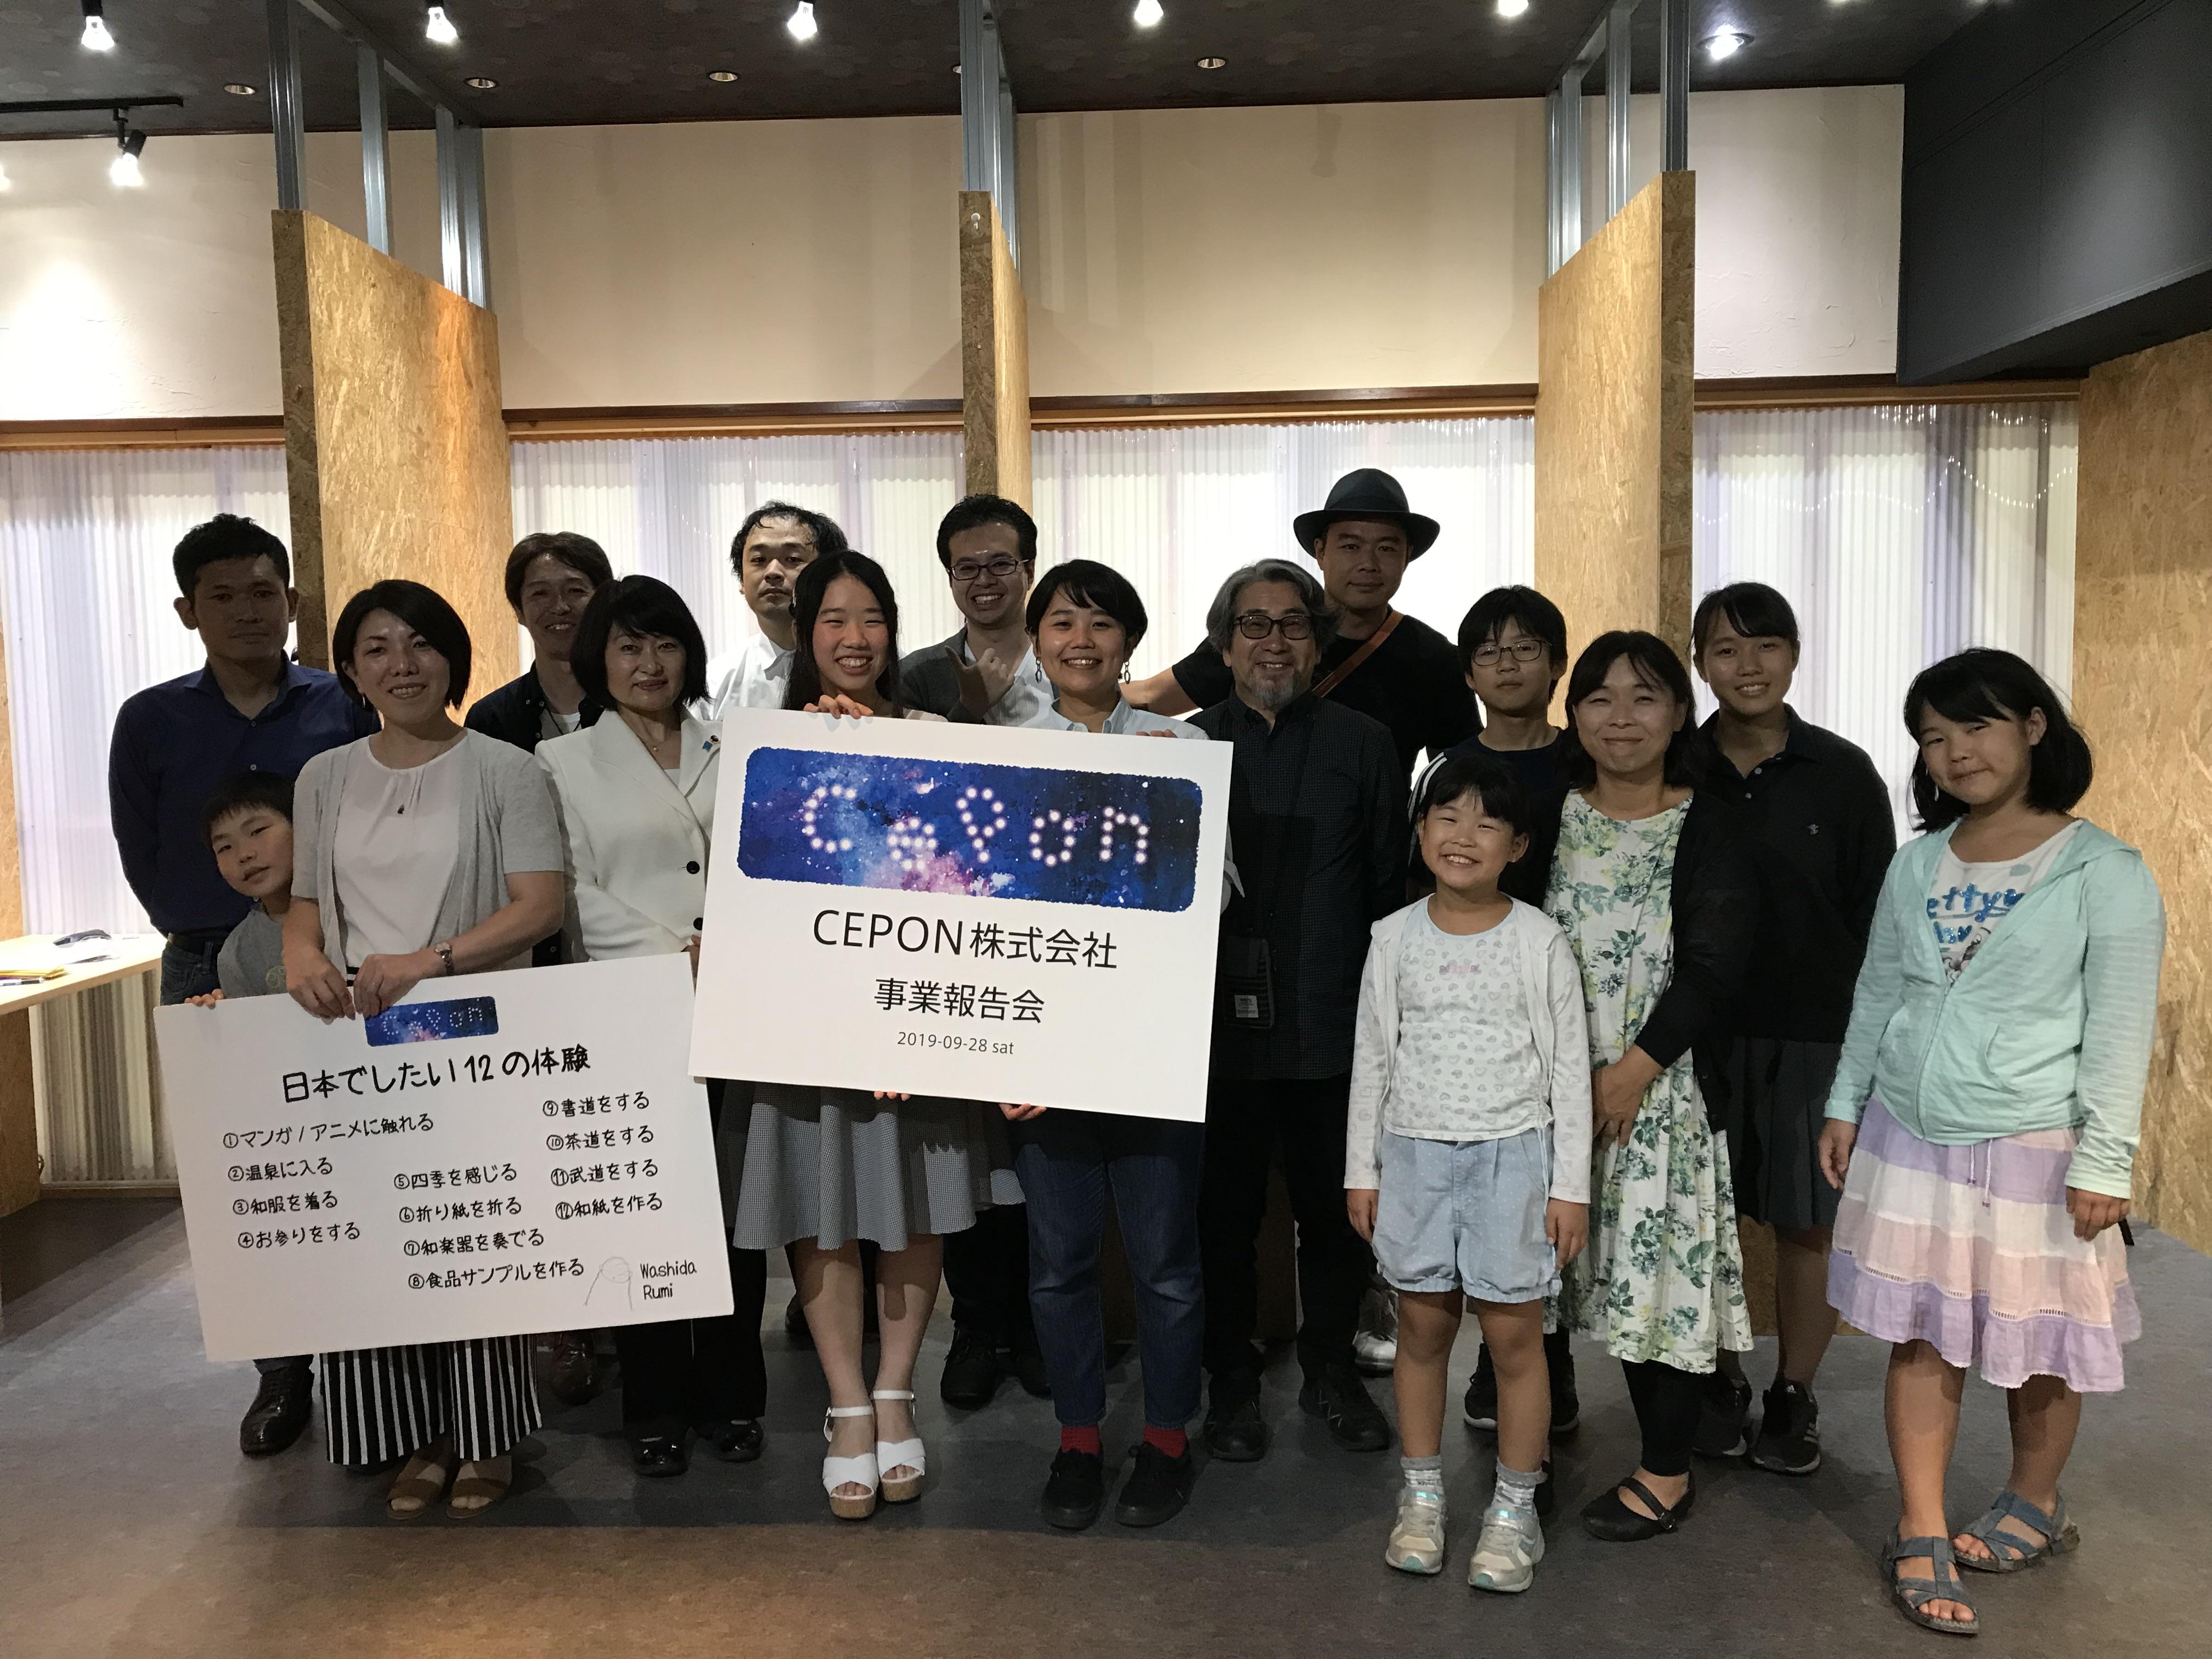 茨城県つくば市鷲田るみによる日本から世界に向けて発信し続けるcepon/クラウドファンディング